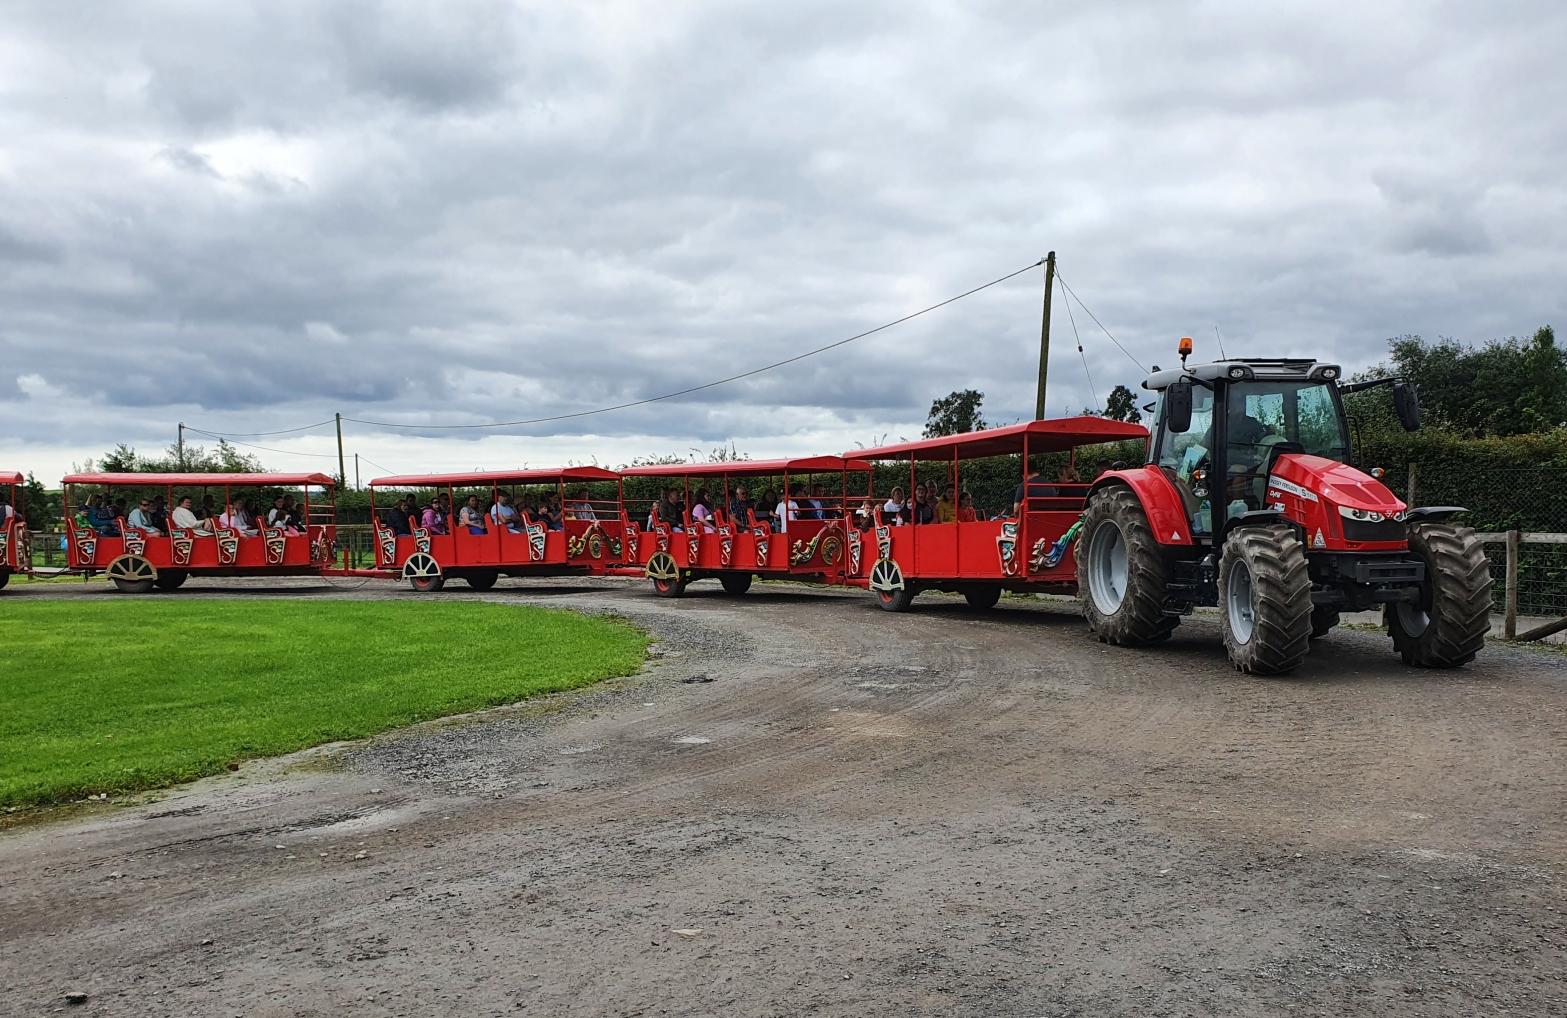 Land Train at Folly Farm